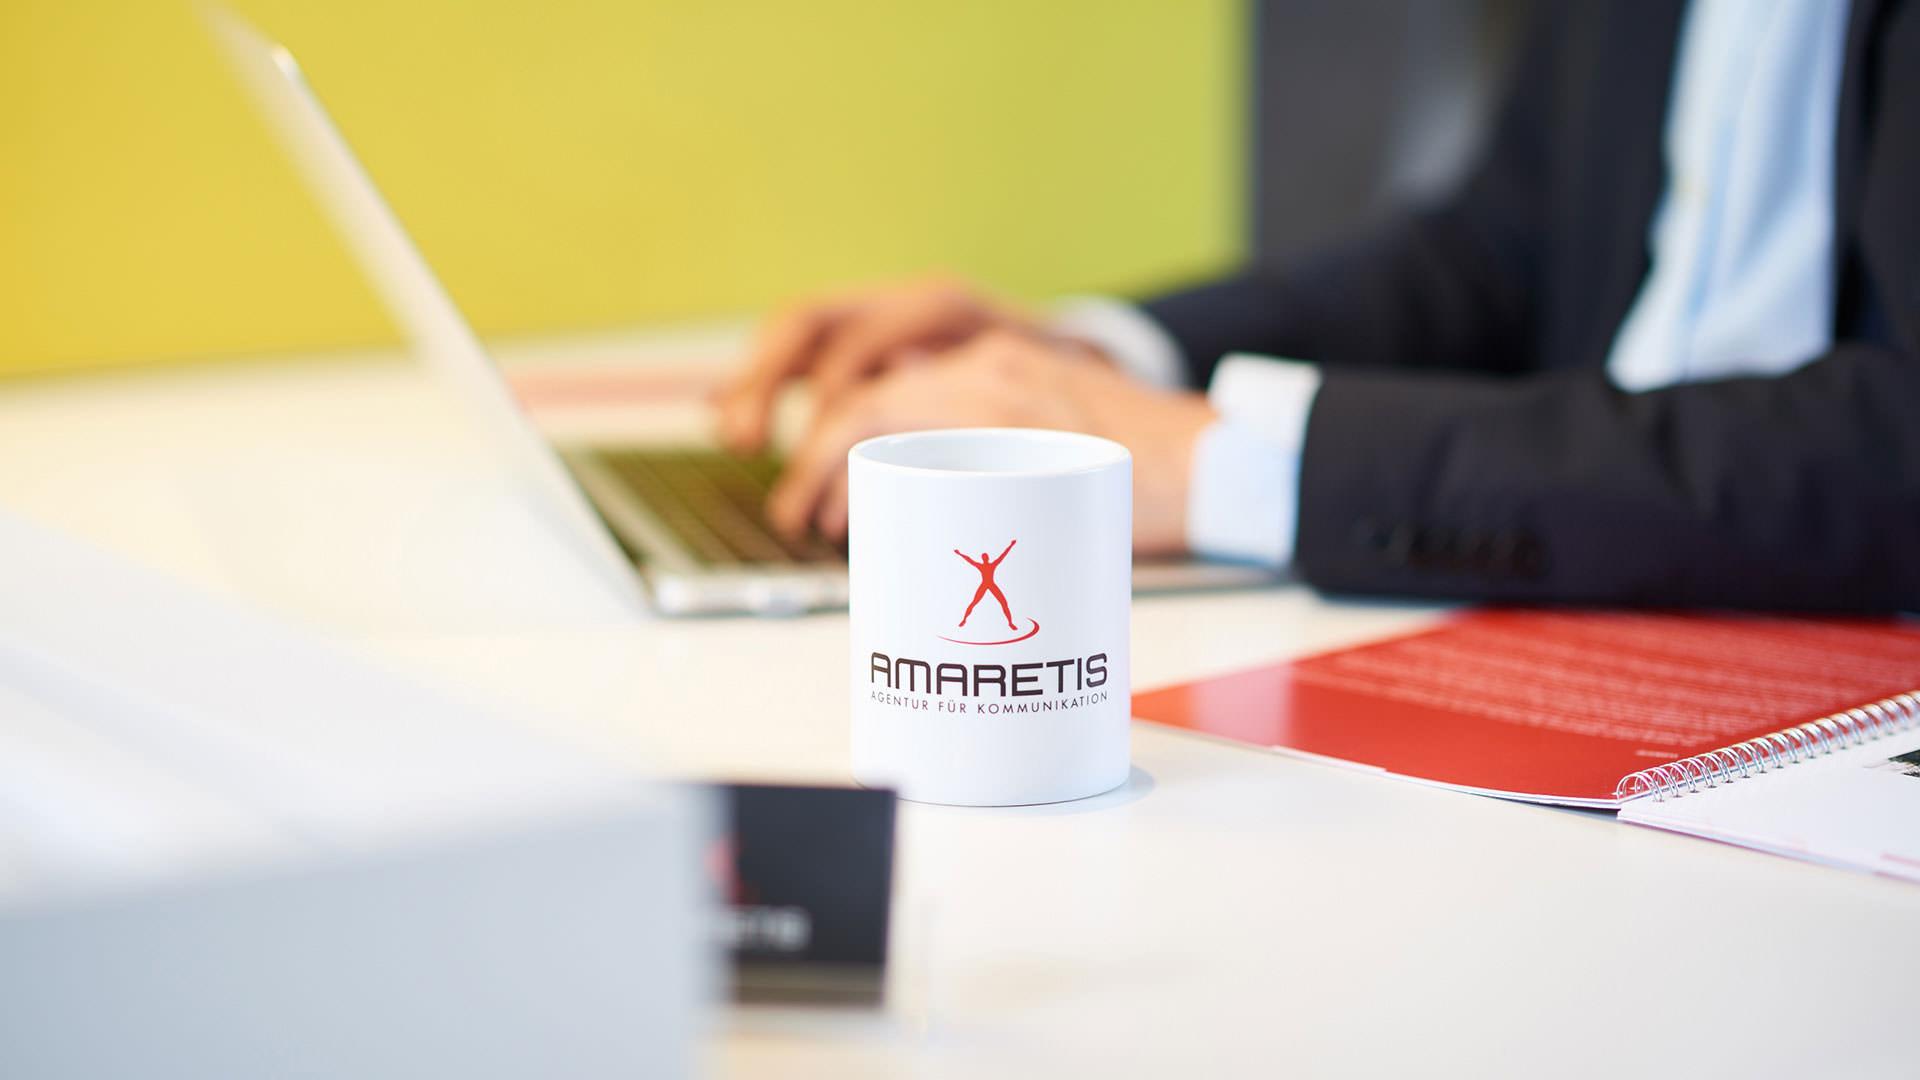 AMARETIS Agentur für Kommunikation Werbeagentur Göttingen bei der Arbeit